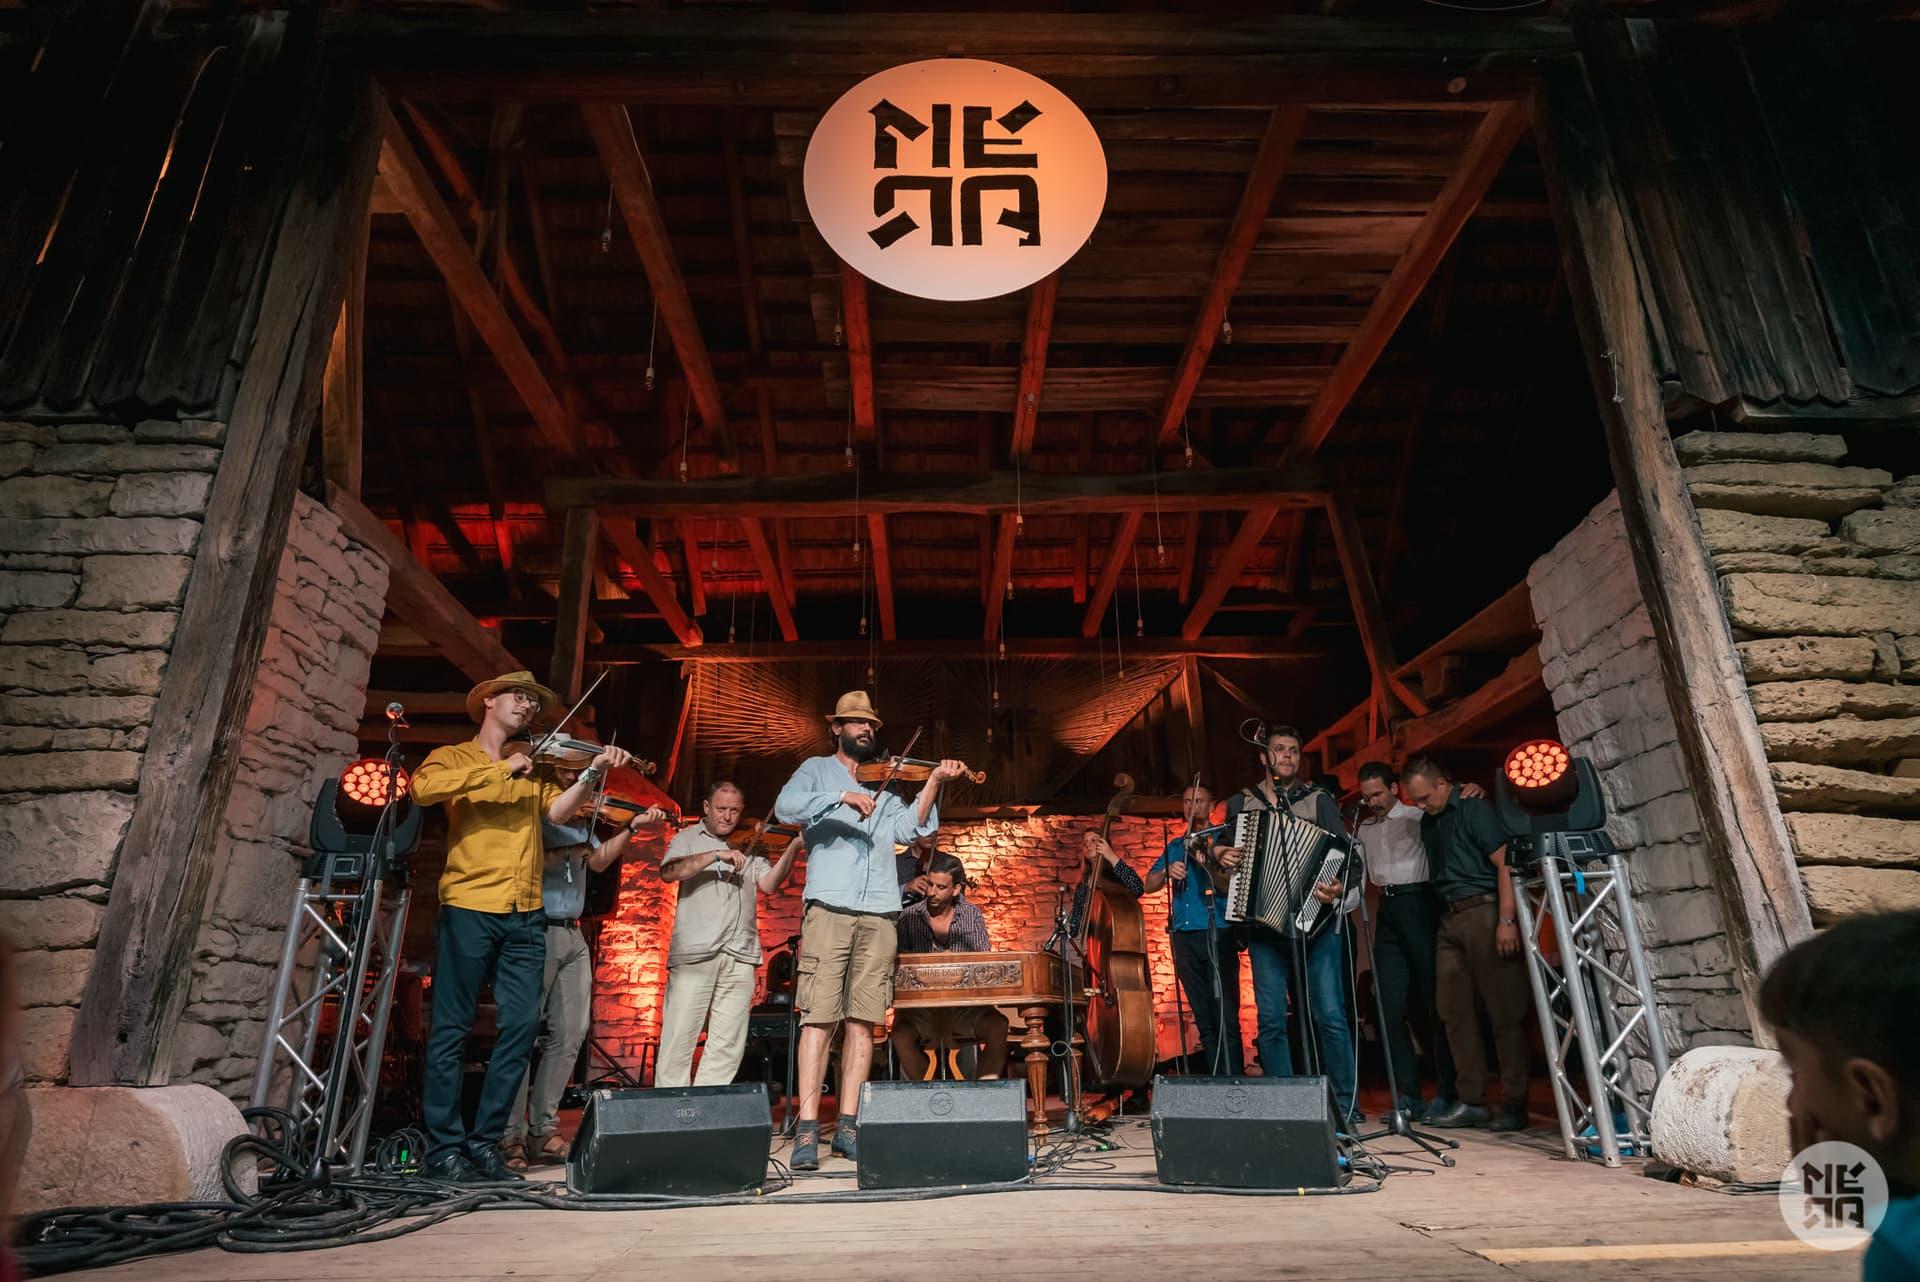 La Festivalul de Șură Mera World Music au participat mai mult de 4000 de persoane